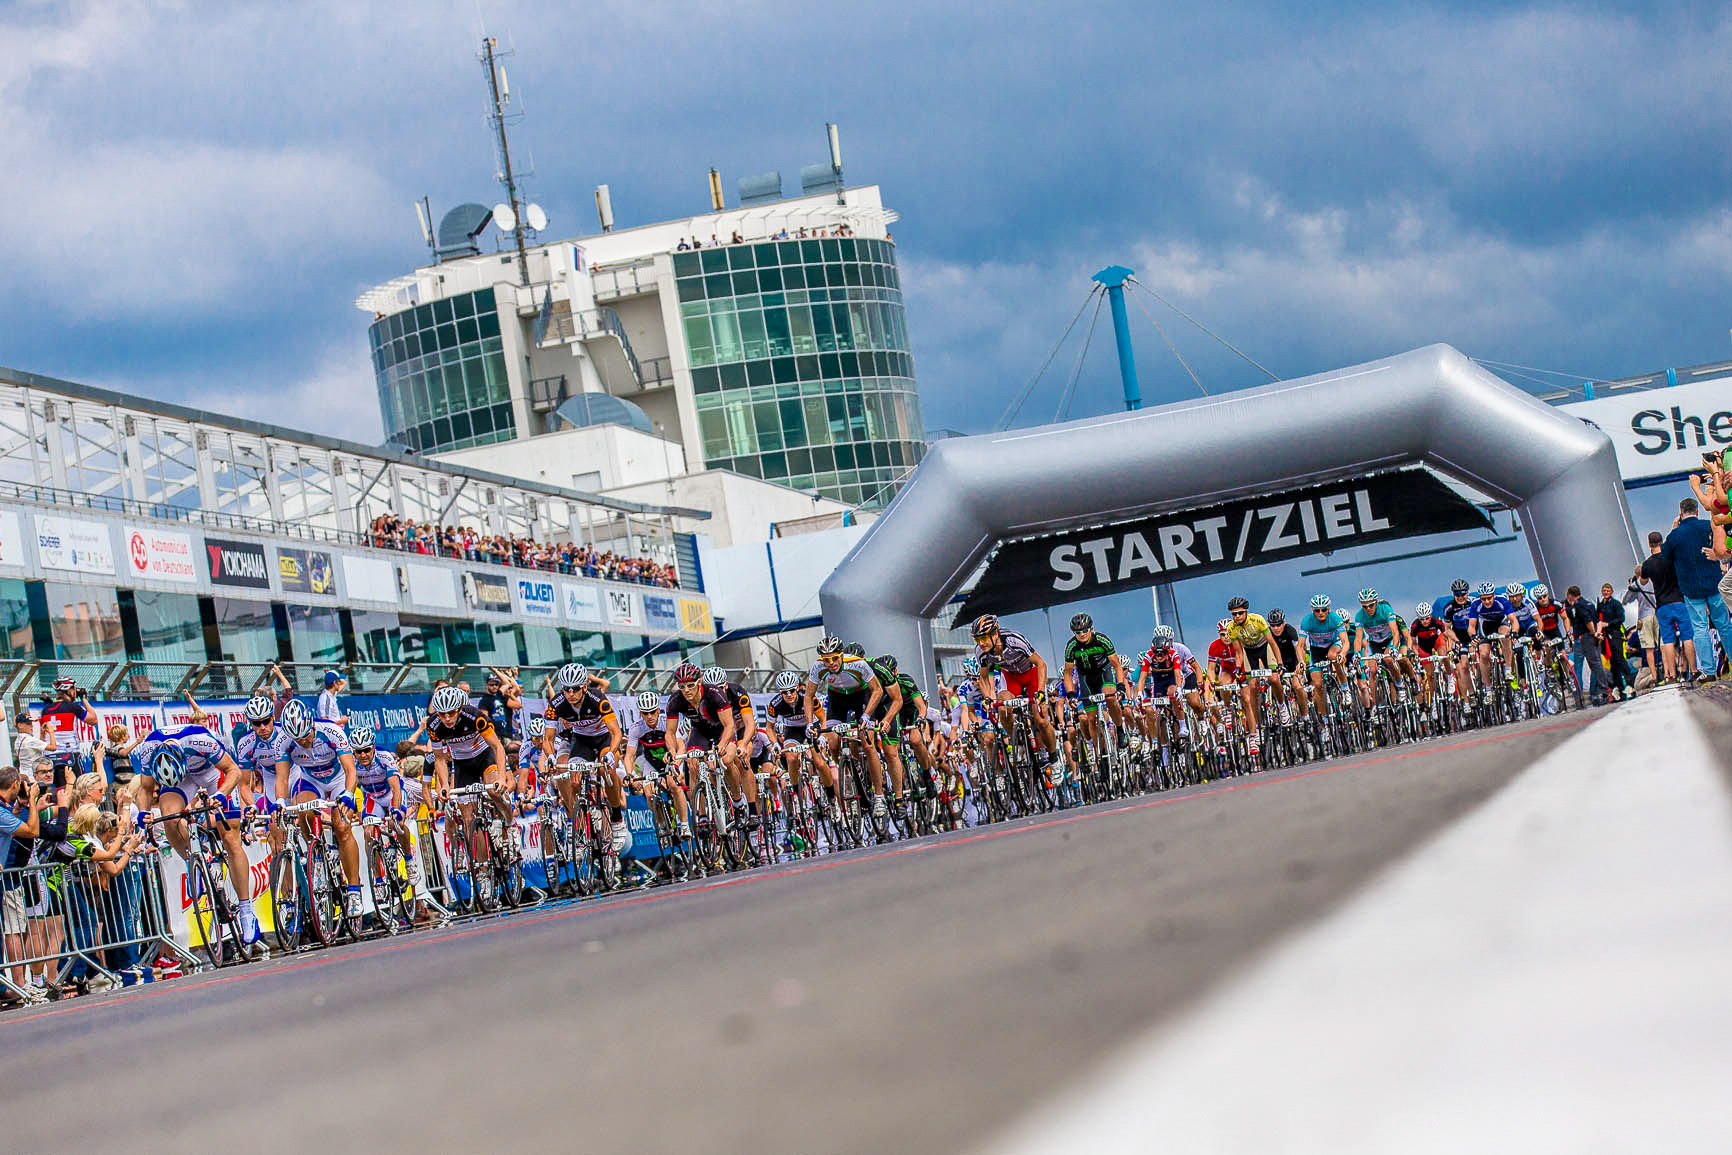 Tausende von Radfahrern am Start von Rad am Ring.